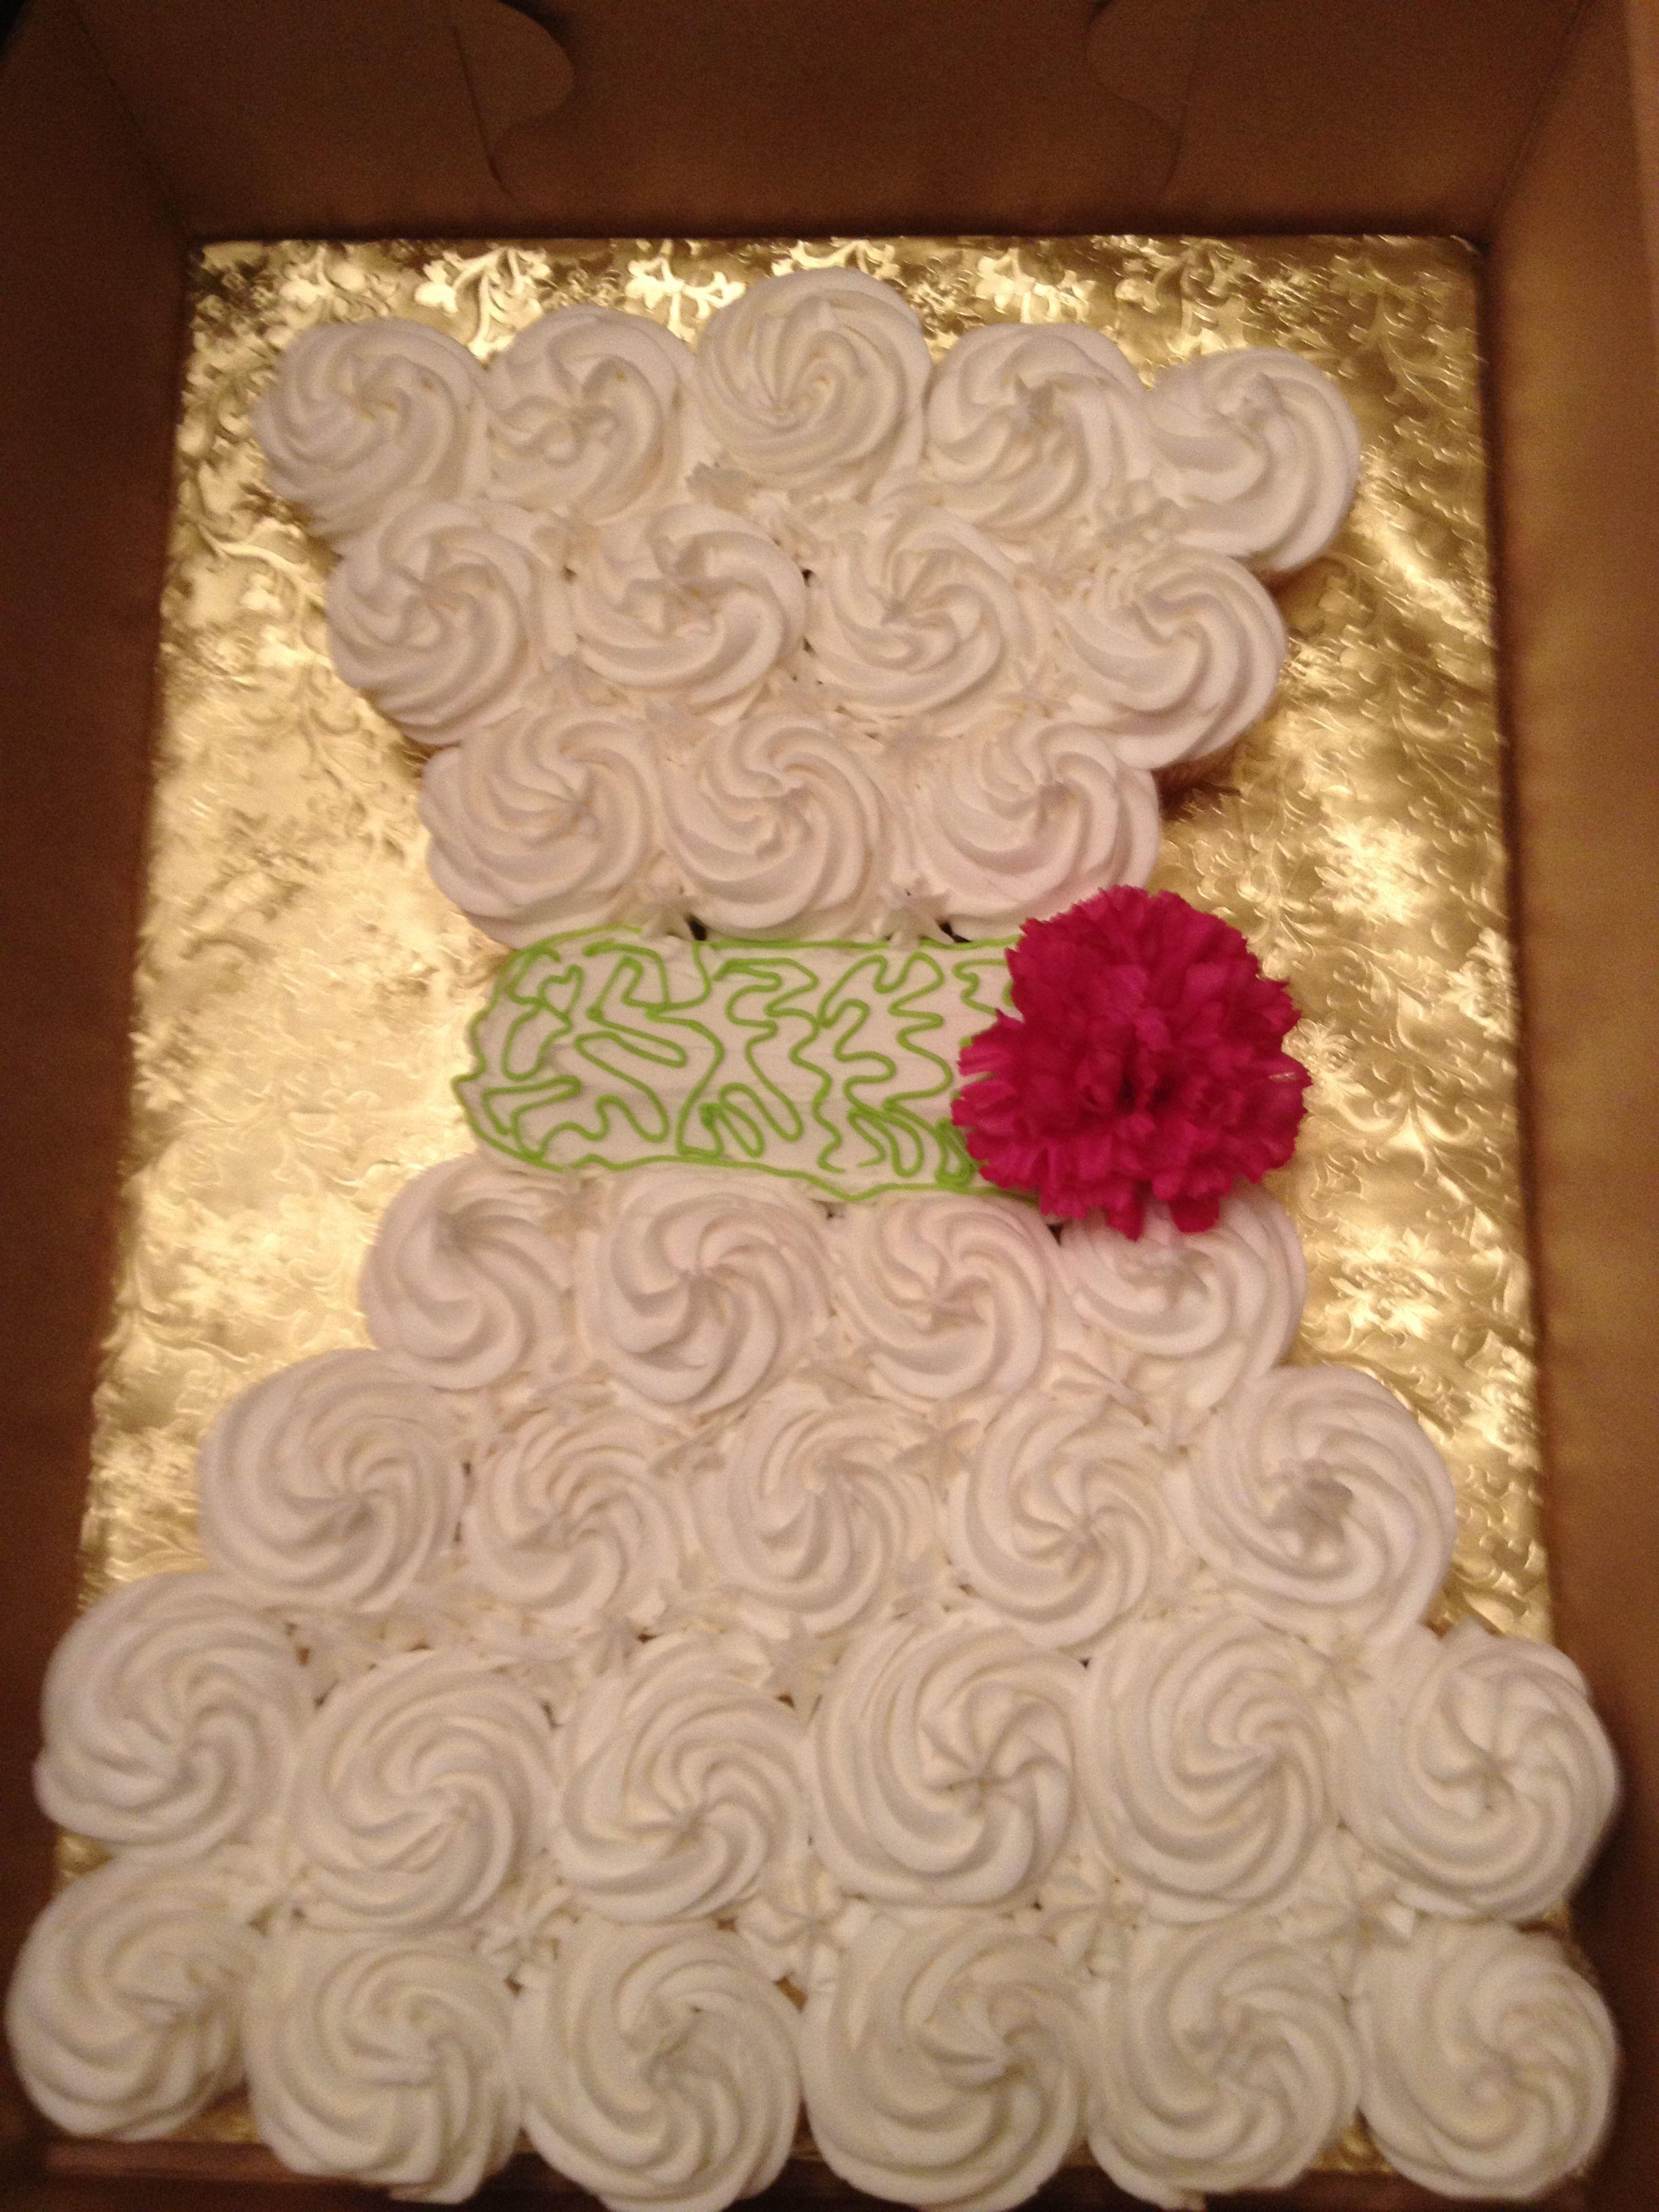 Wedding Wedding Dress Cupcake Cake watch more like wedding dress cupcake cake ideas pinterest